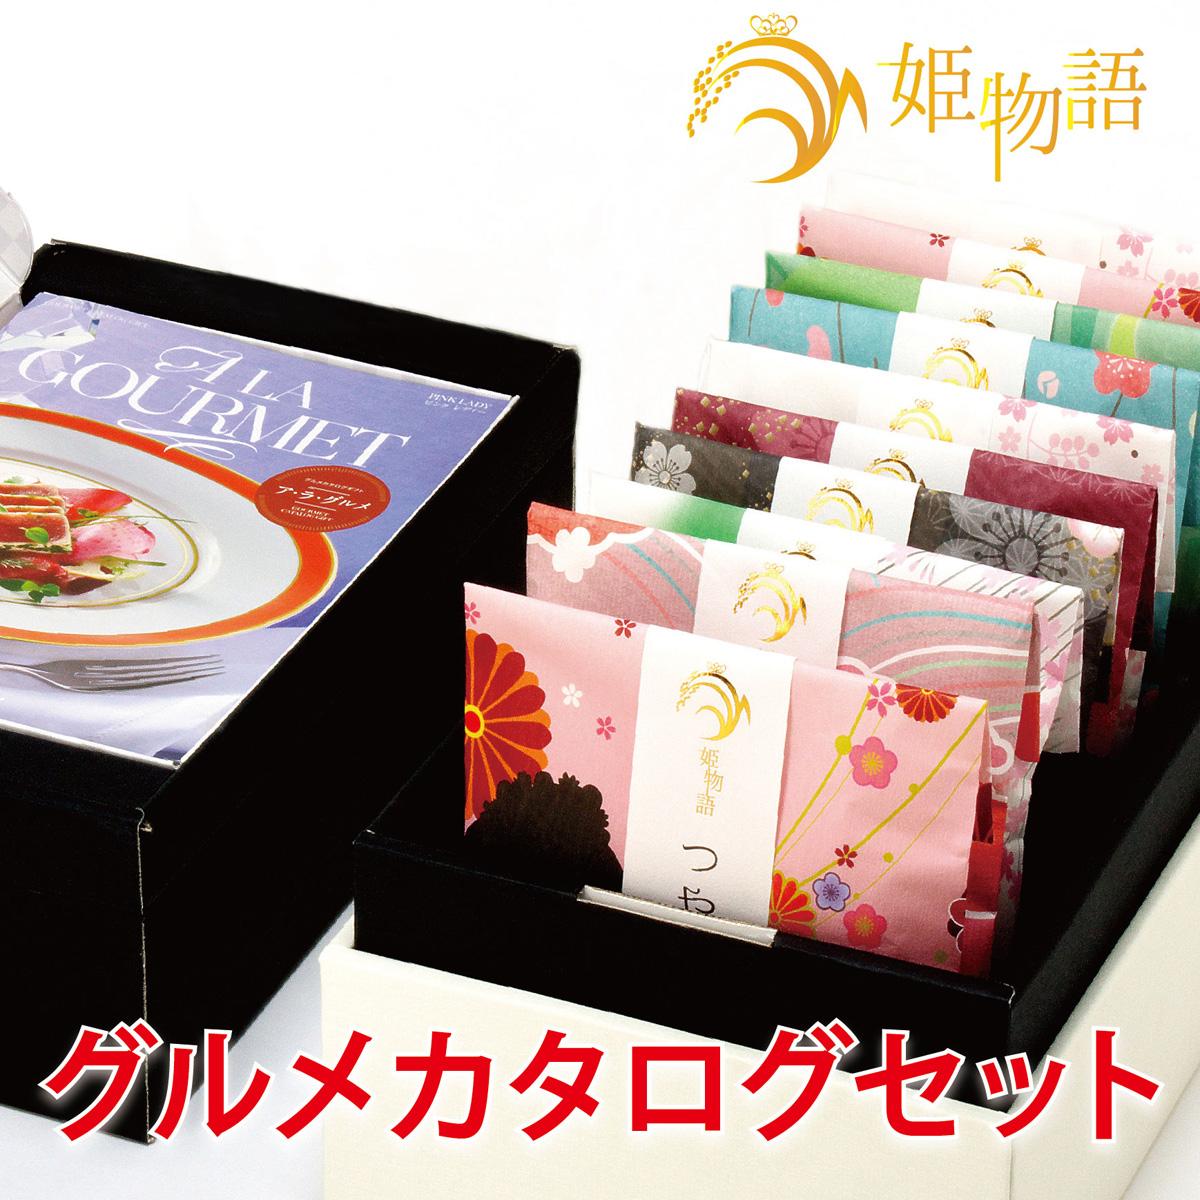 カタログギフト と 姫物語 のセット (スノウ ボール) 出産内祝い 内祝い 結婚内祝い 引出物 快気祝い 引き出物 他の ギフトに 日本の銘米 の姉妹品 送料無料 お返し 日本の名米